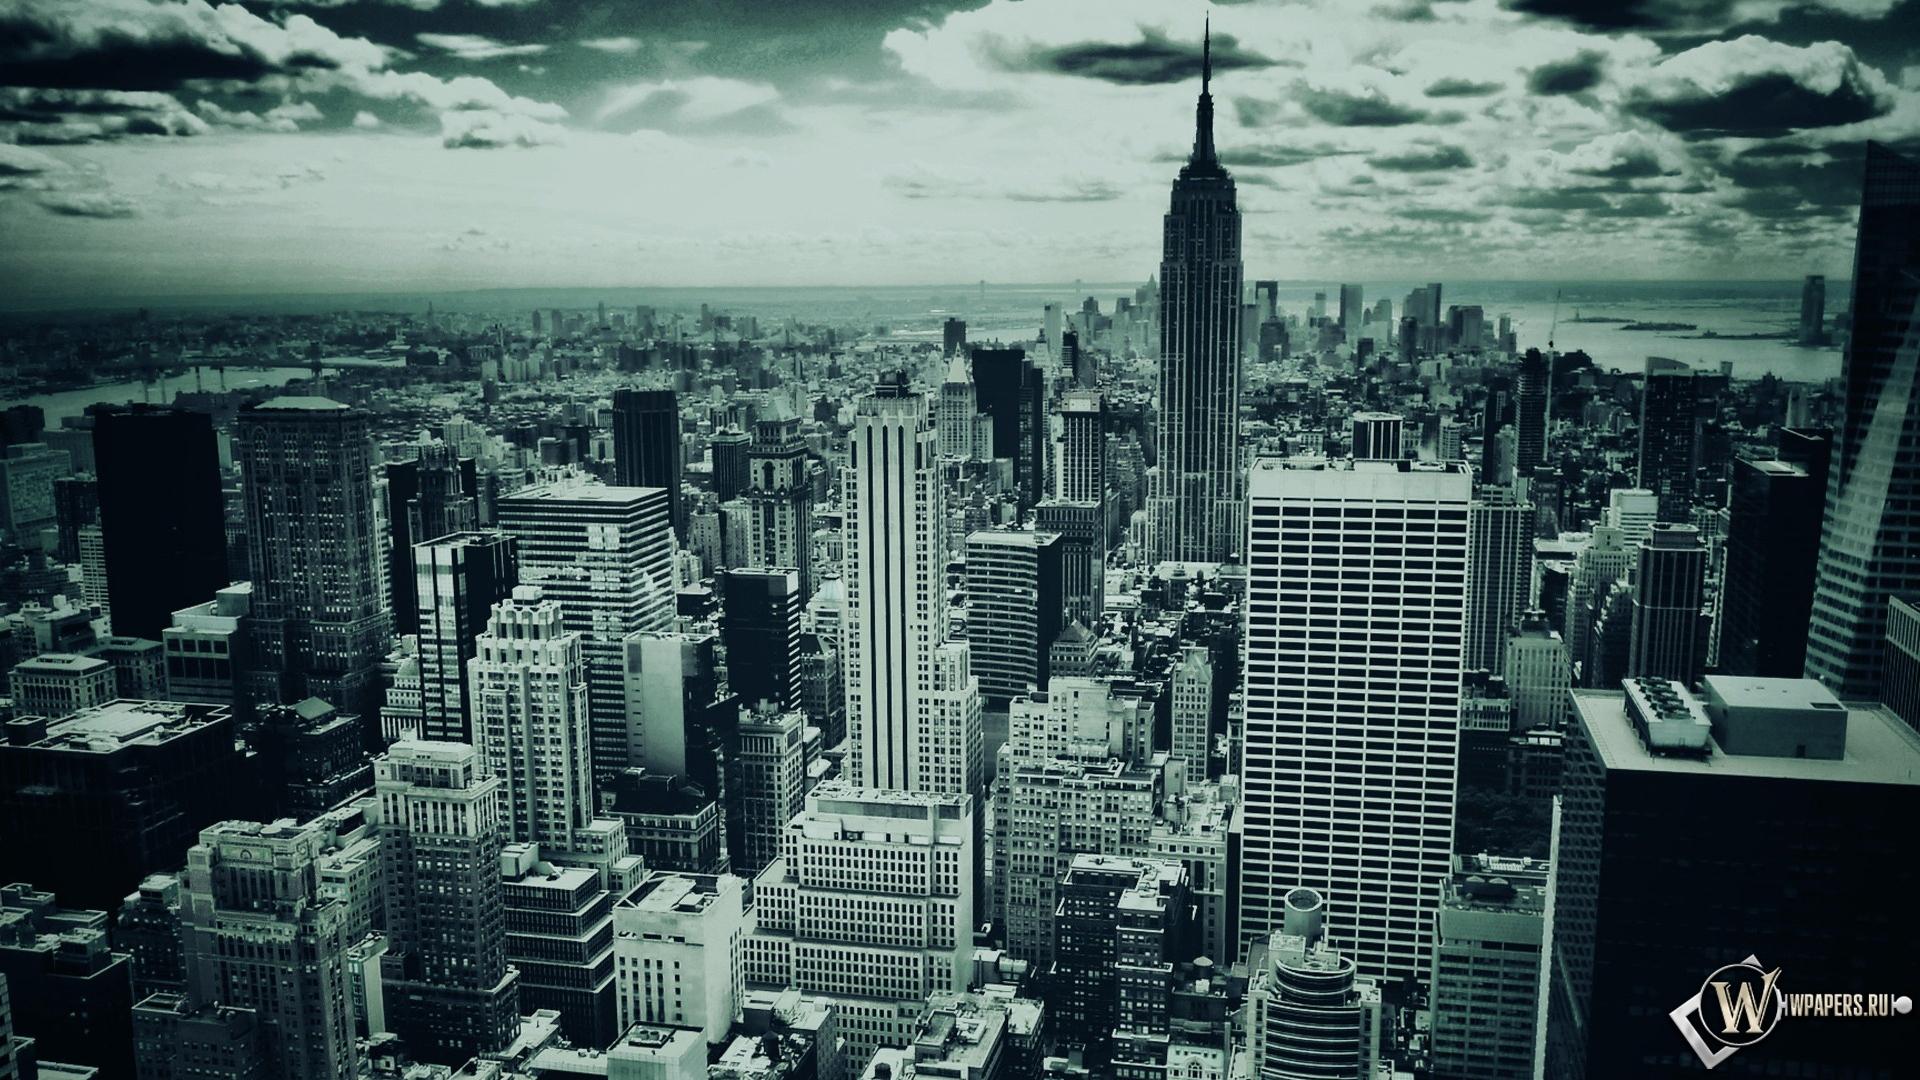 Скачать обои New York minute (Город, Мегаполис, Ч/б, Нью-Йорк, New ...